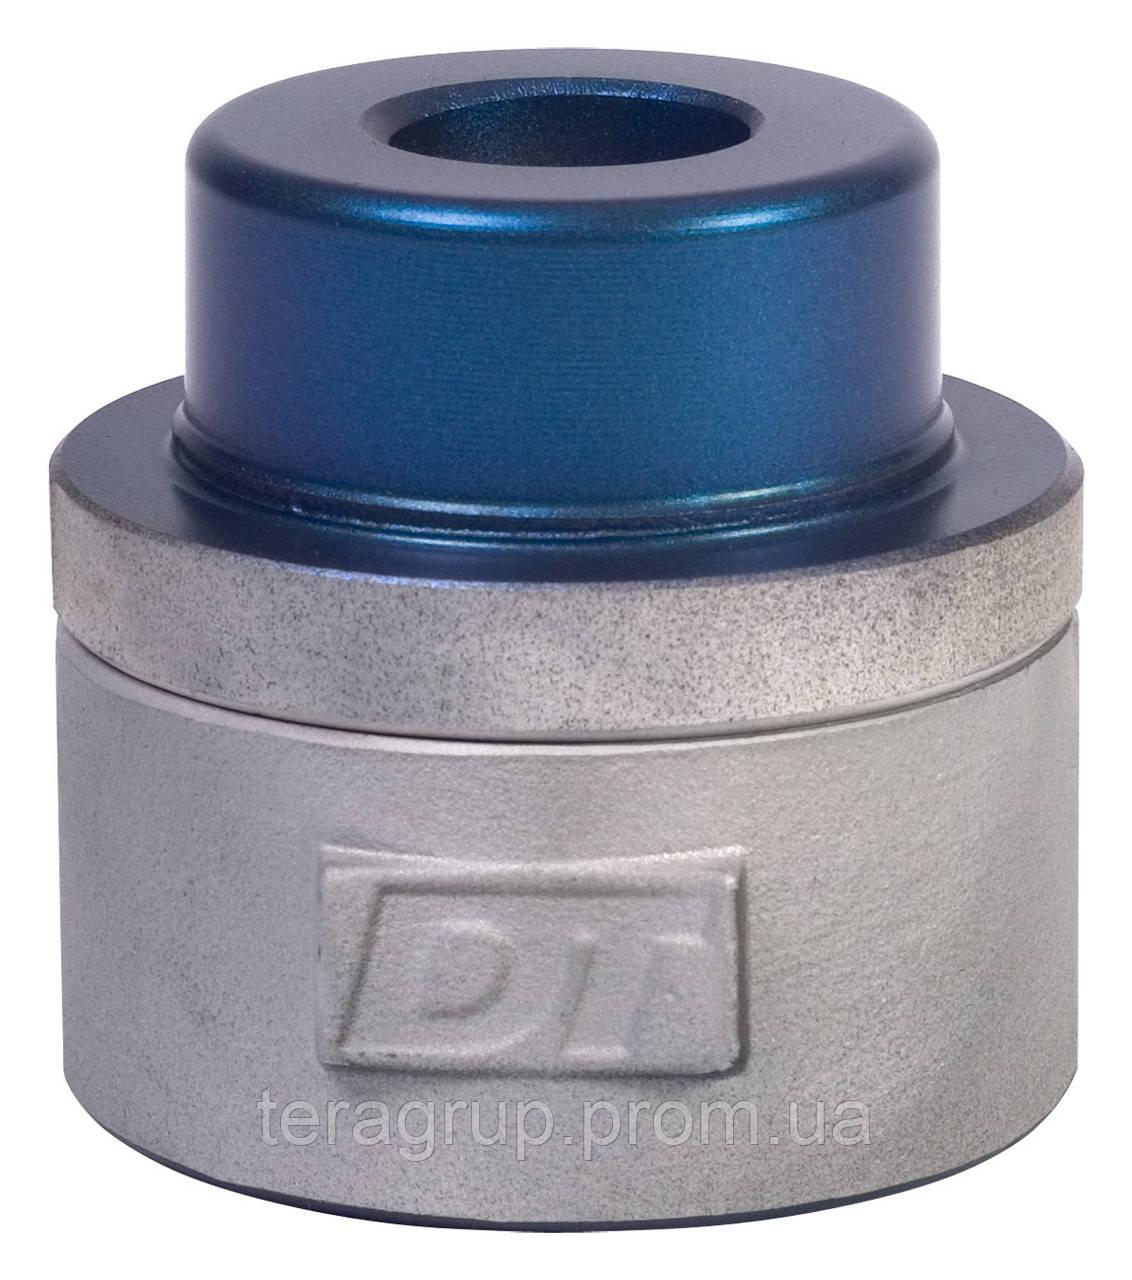 Парная насадка Ø20мм. к плоским паяльникам, синяя, Dytron 02328 - фото 3